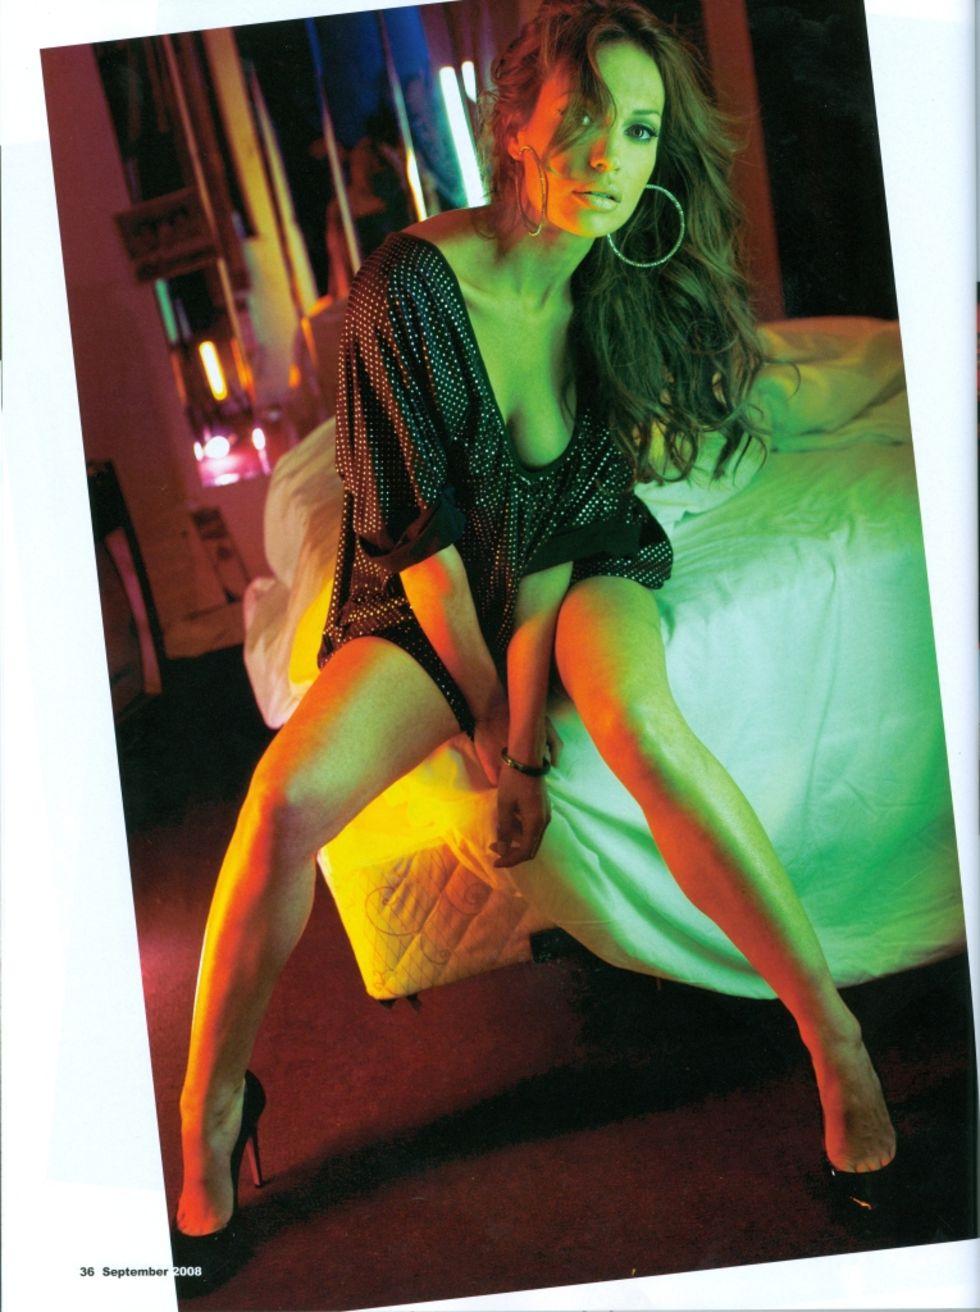 jolene-blalock-femme-fatales-magazine-september-2008-01